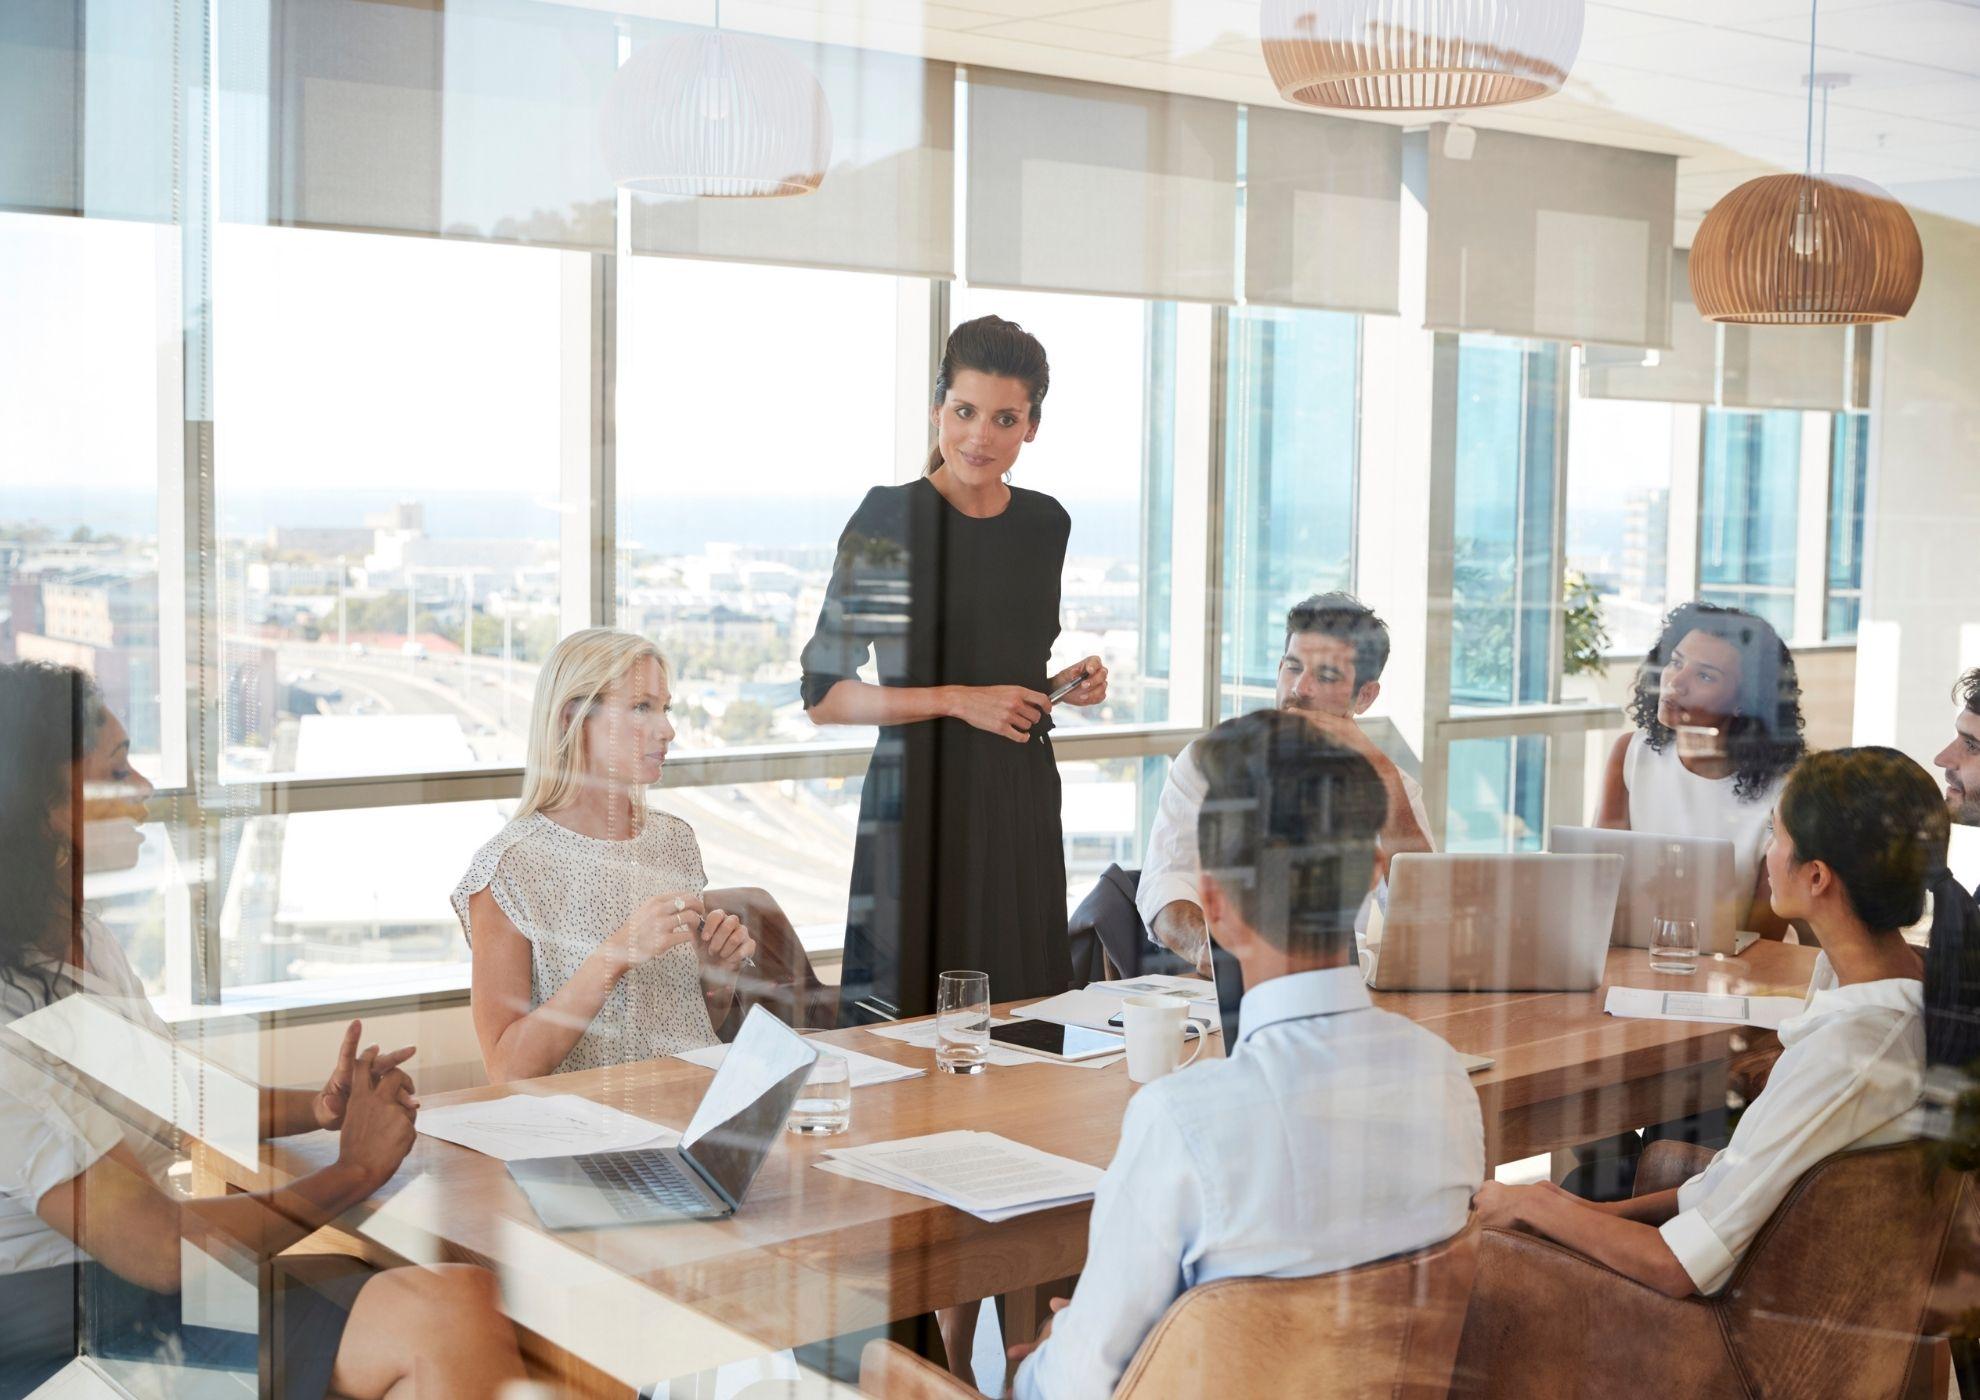 Las personas que ejercen el liderazgo son quienes encarnan los valores de la organización.